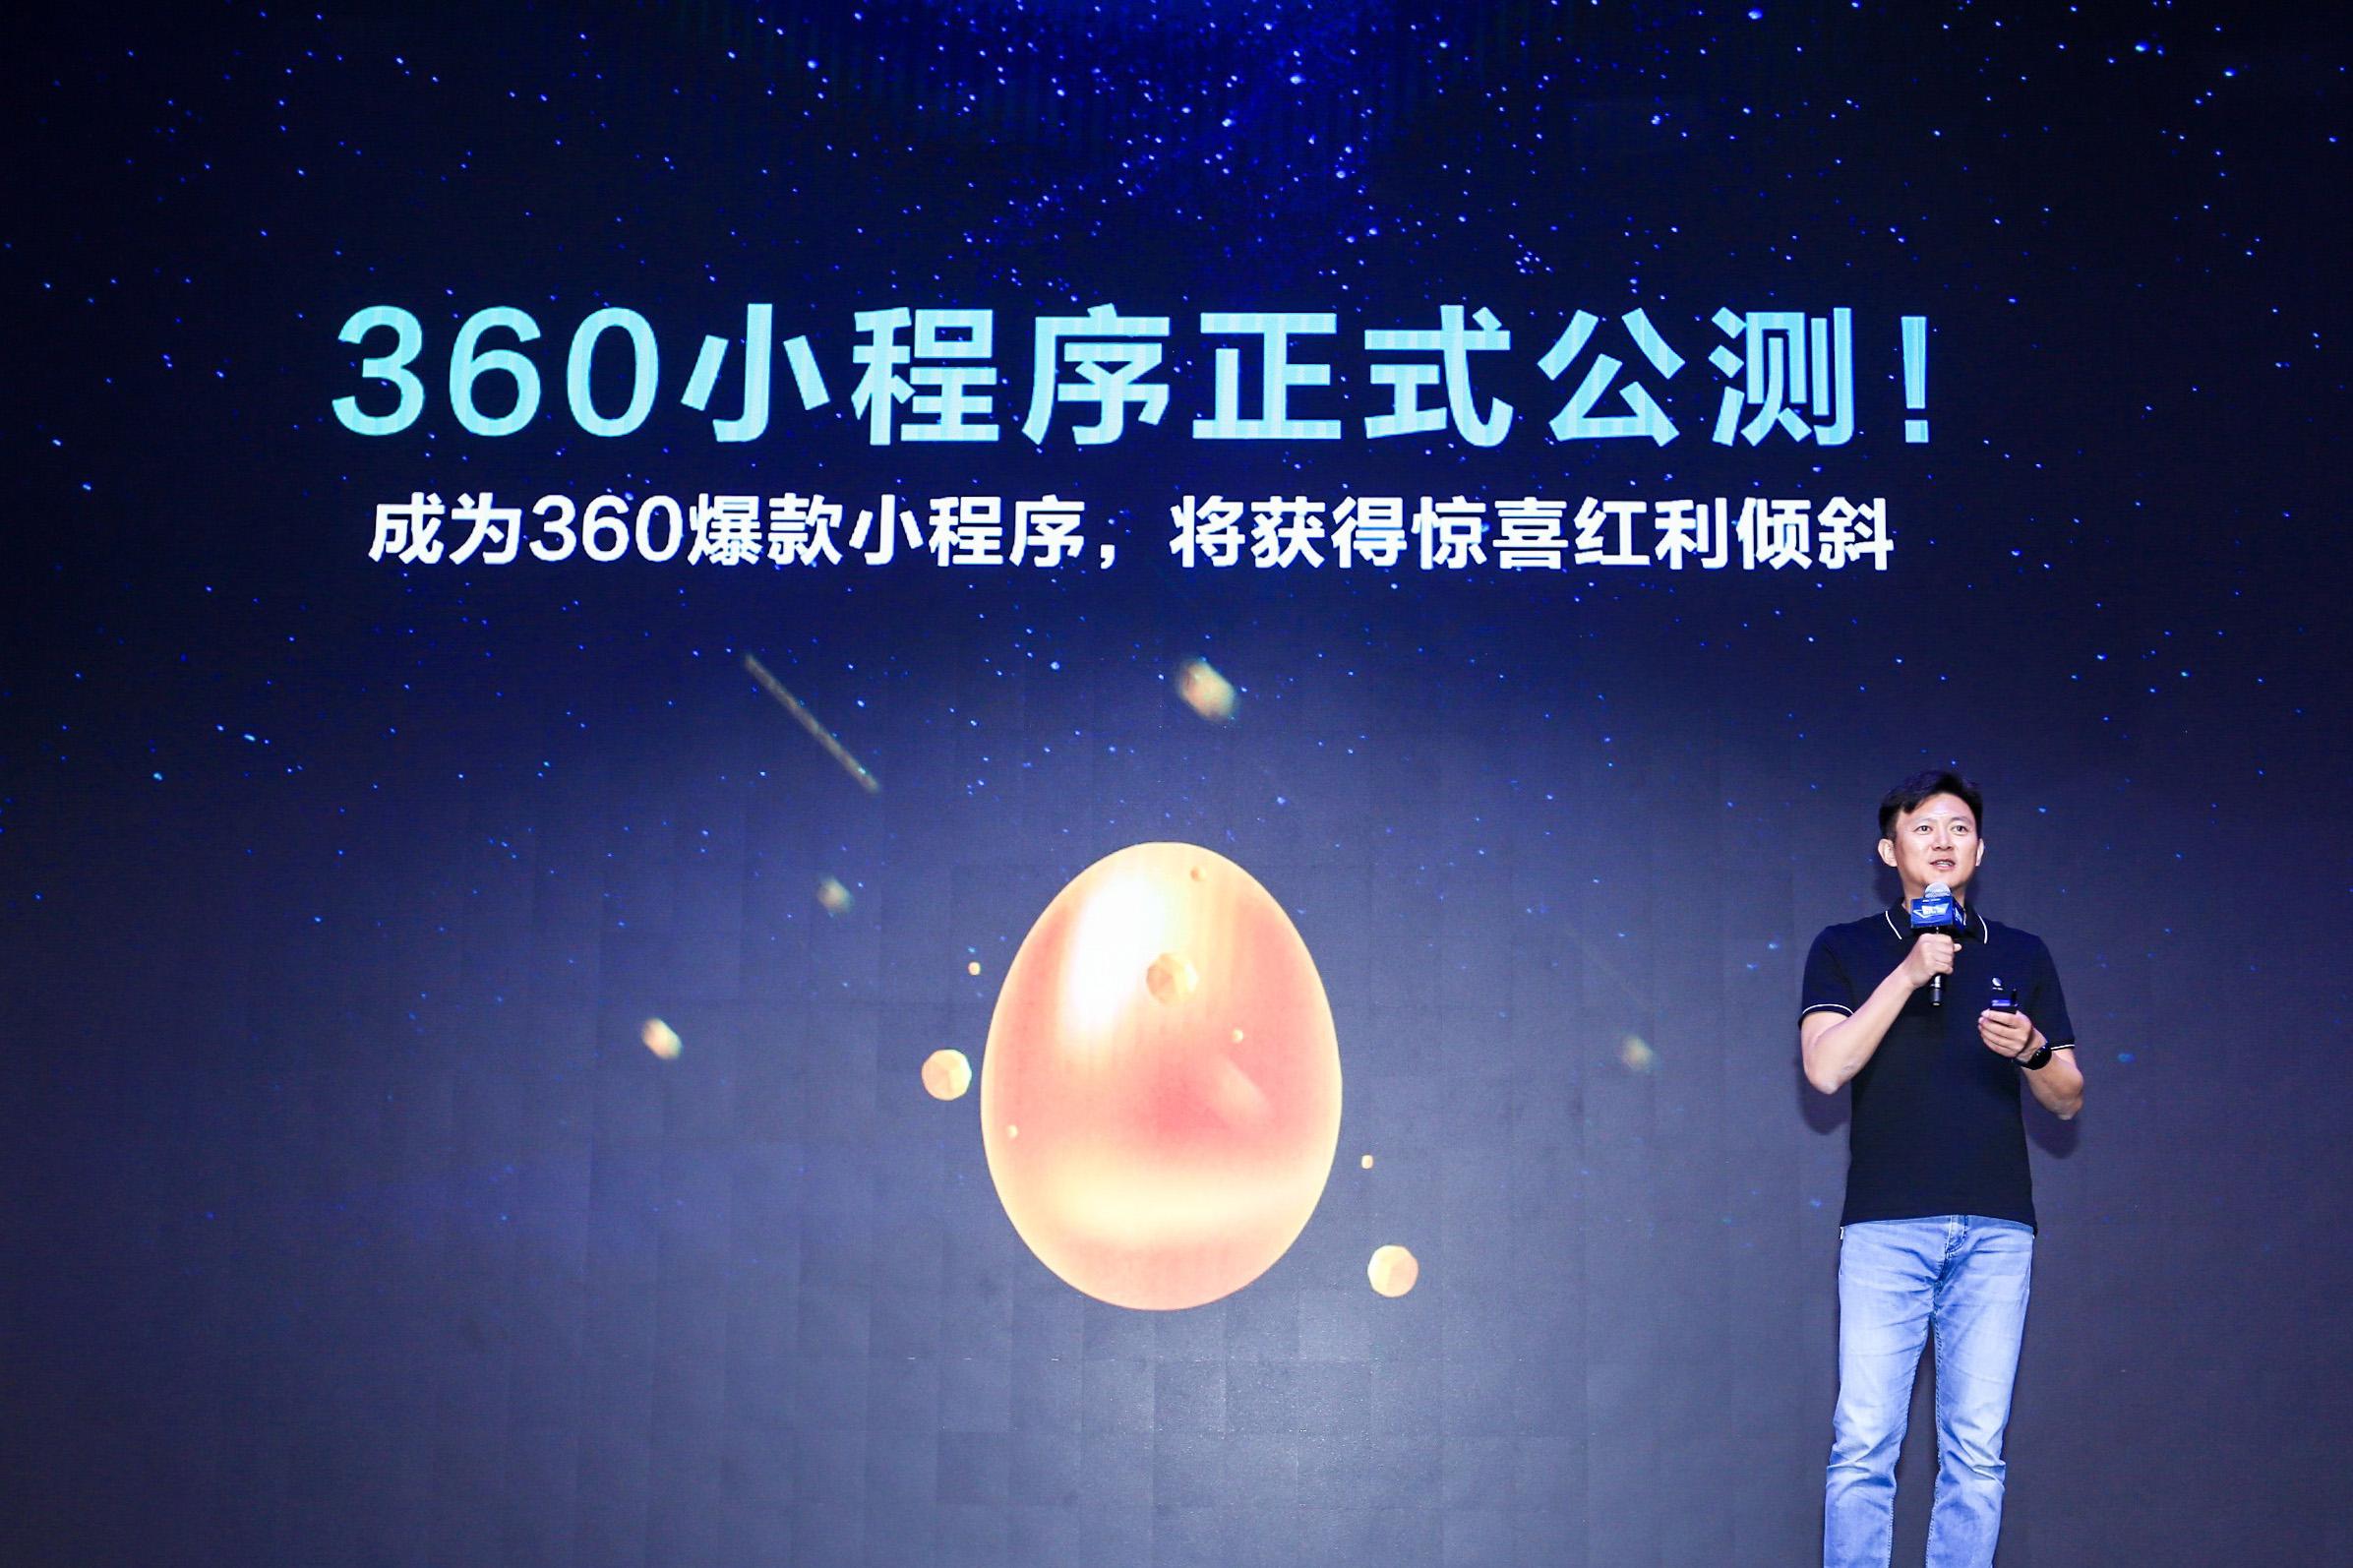 360小程序开放公测:8大流量入口、7亿基金扶持